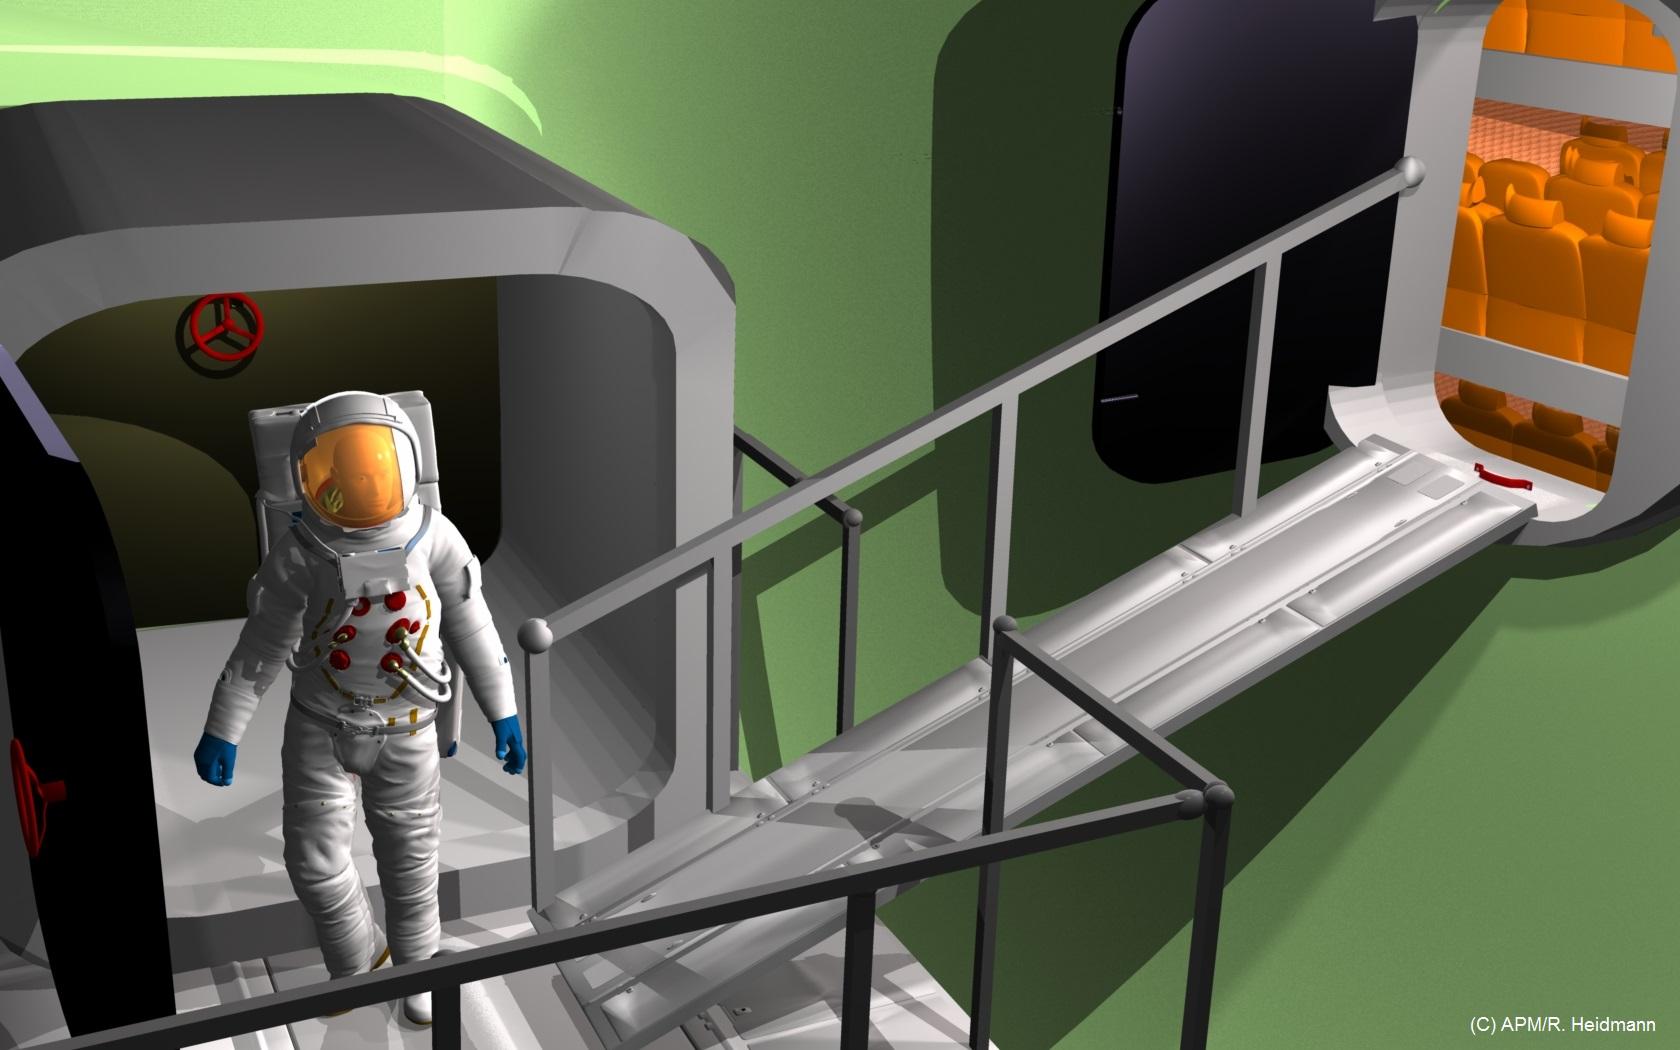 Passerelle du sas et rampe d'accès à la capsule, en configuration planétaire (attitude horizontale).